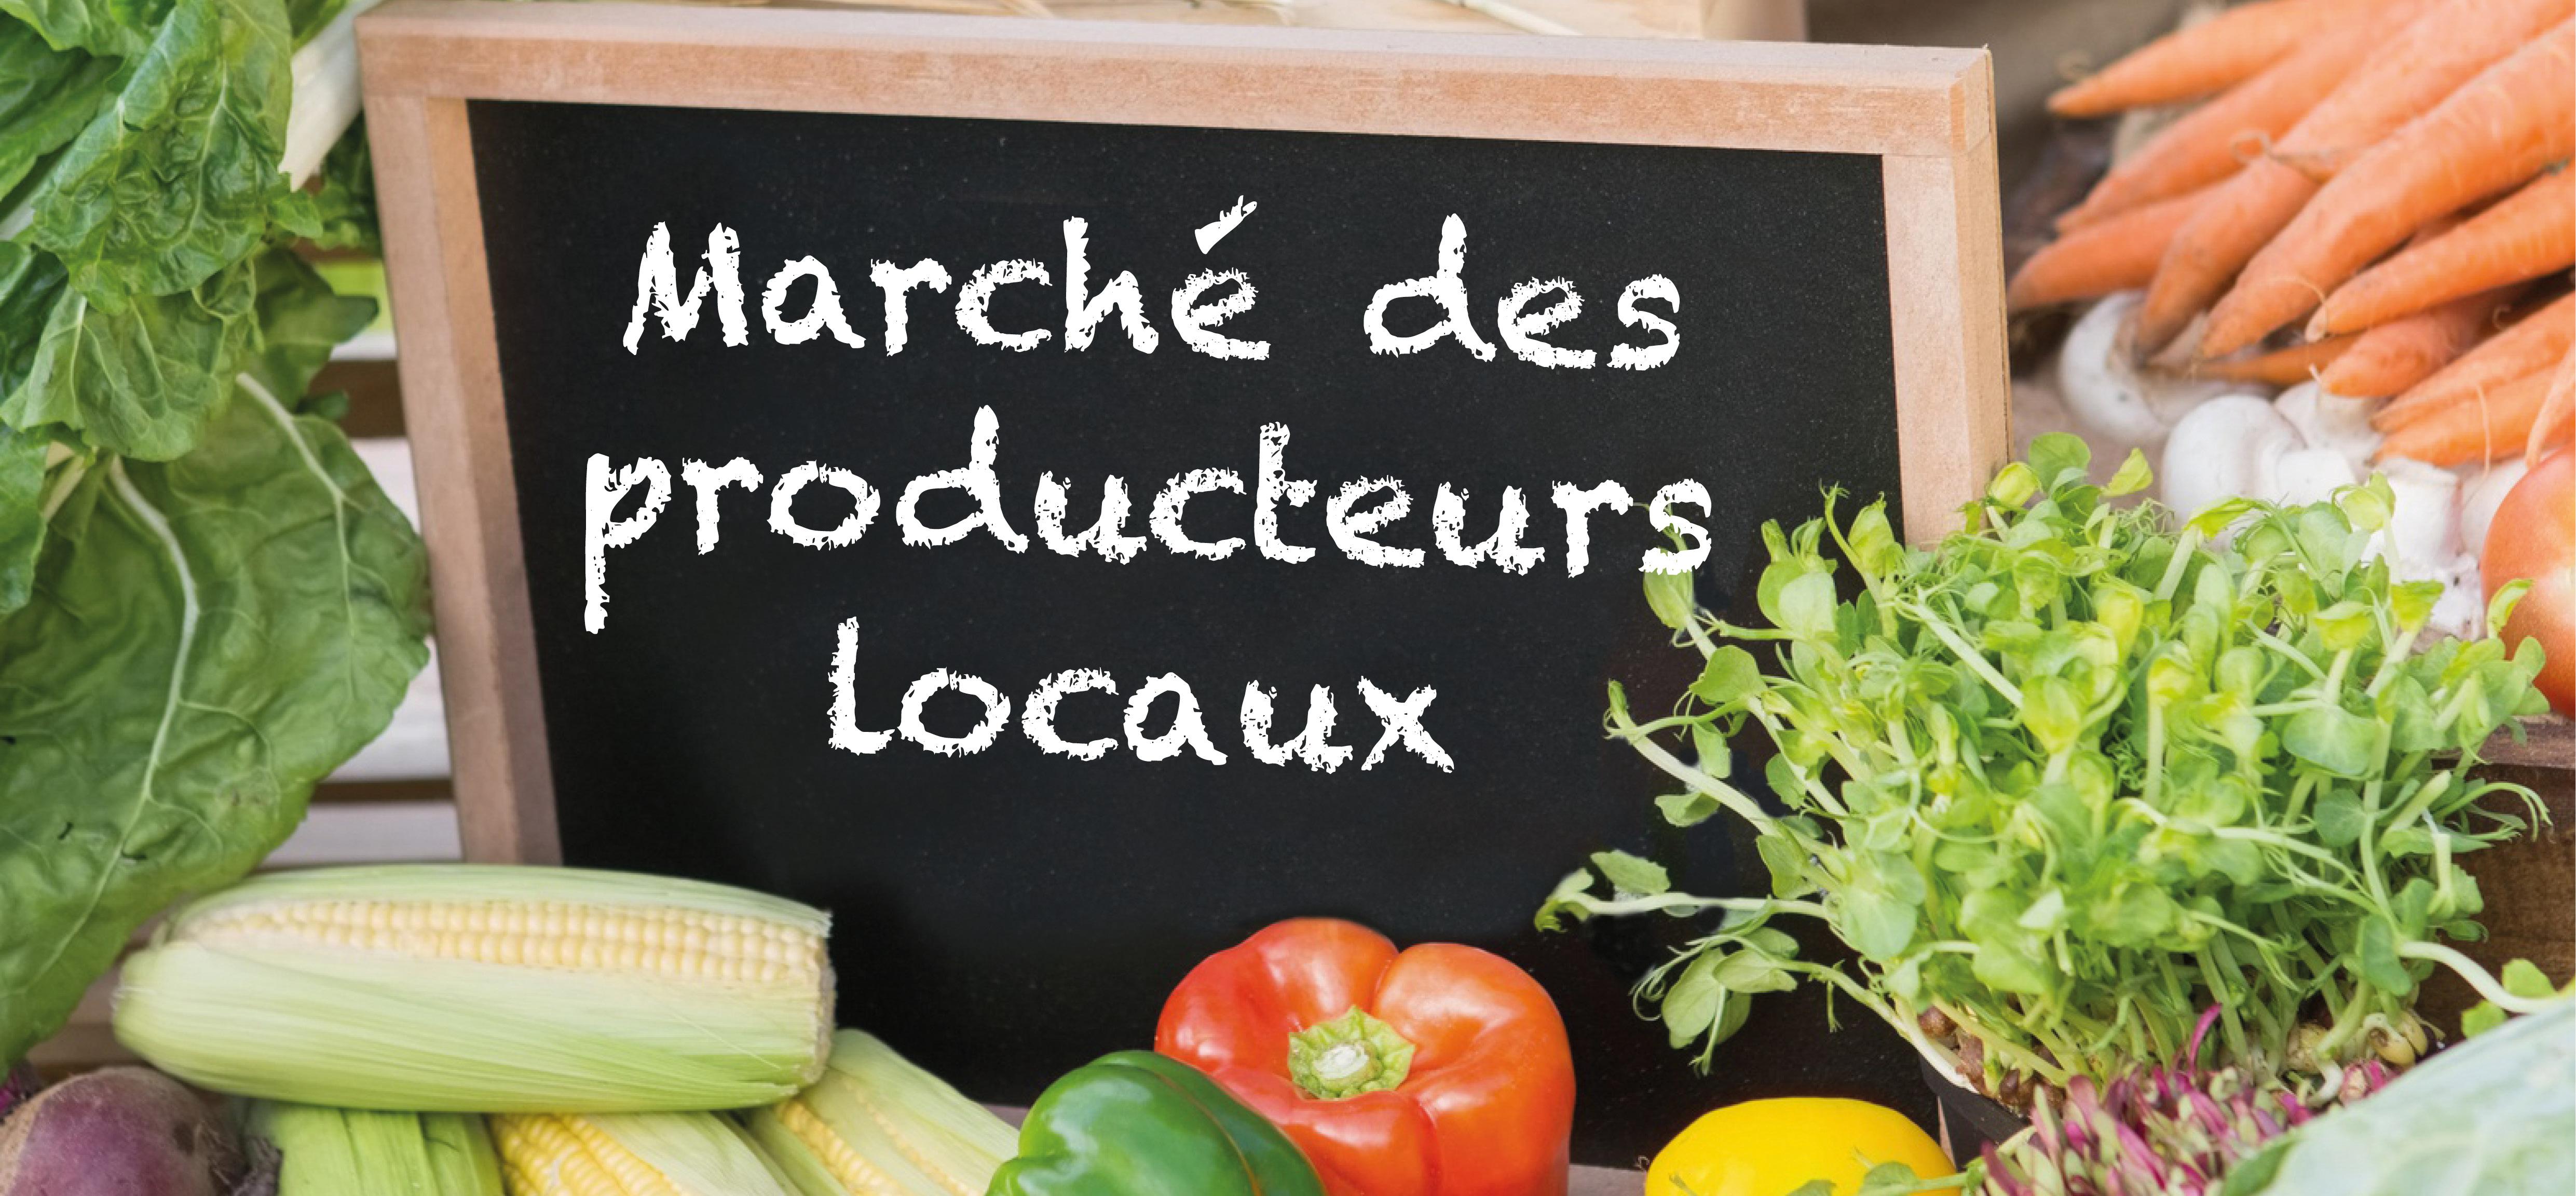 Marché des producteurs locaux   Beaumont-sur-Oise